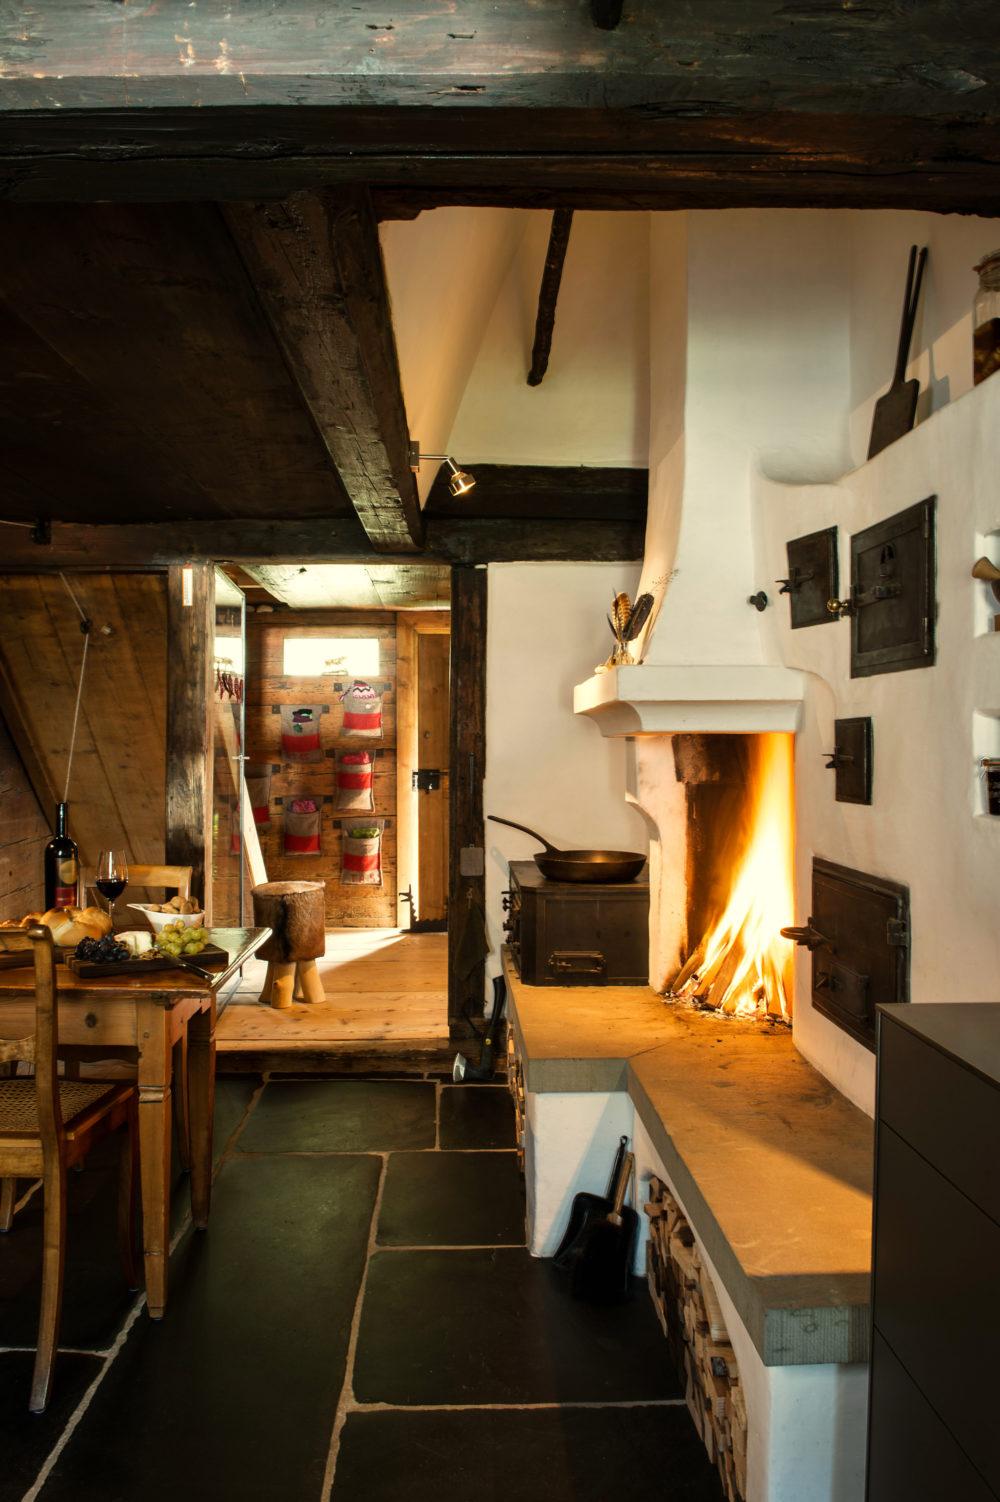 Holzkochherd, Feuerstelle und antiker Blechspeicherofen in Amden